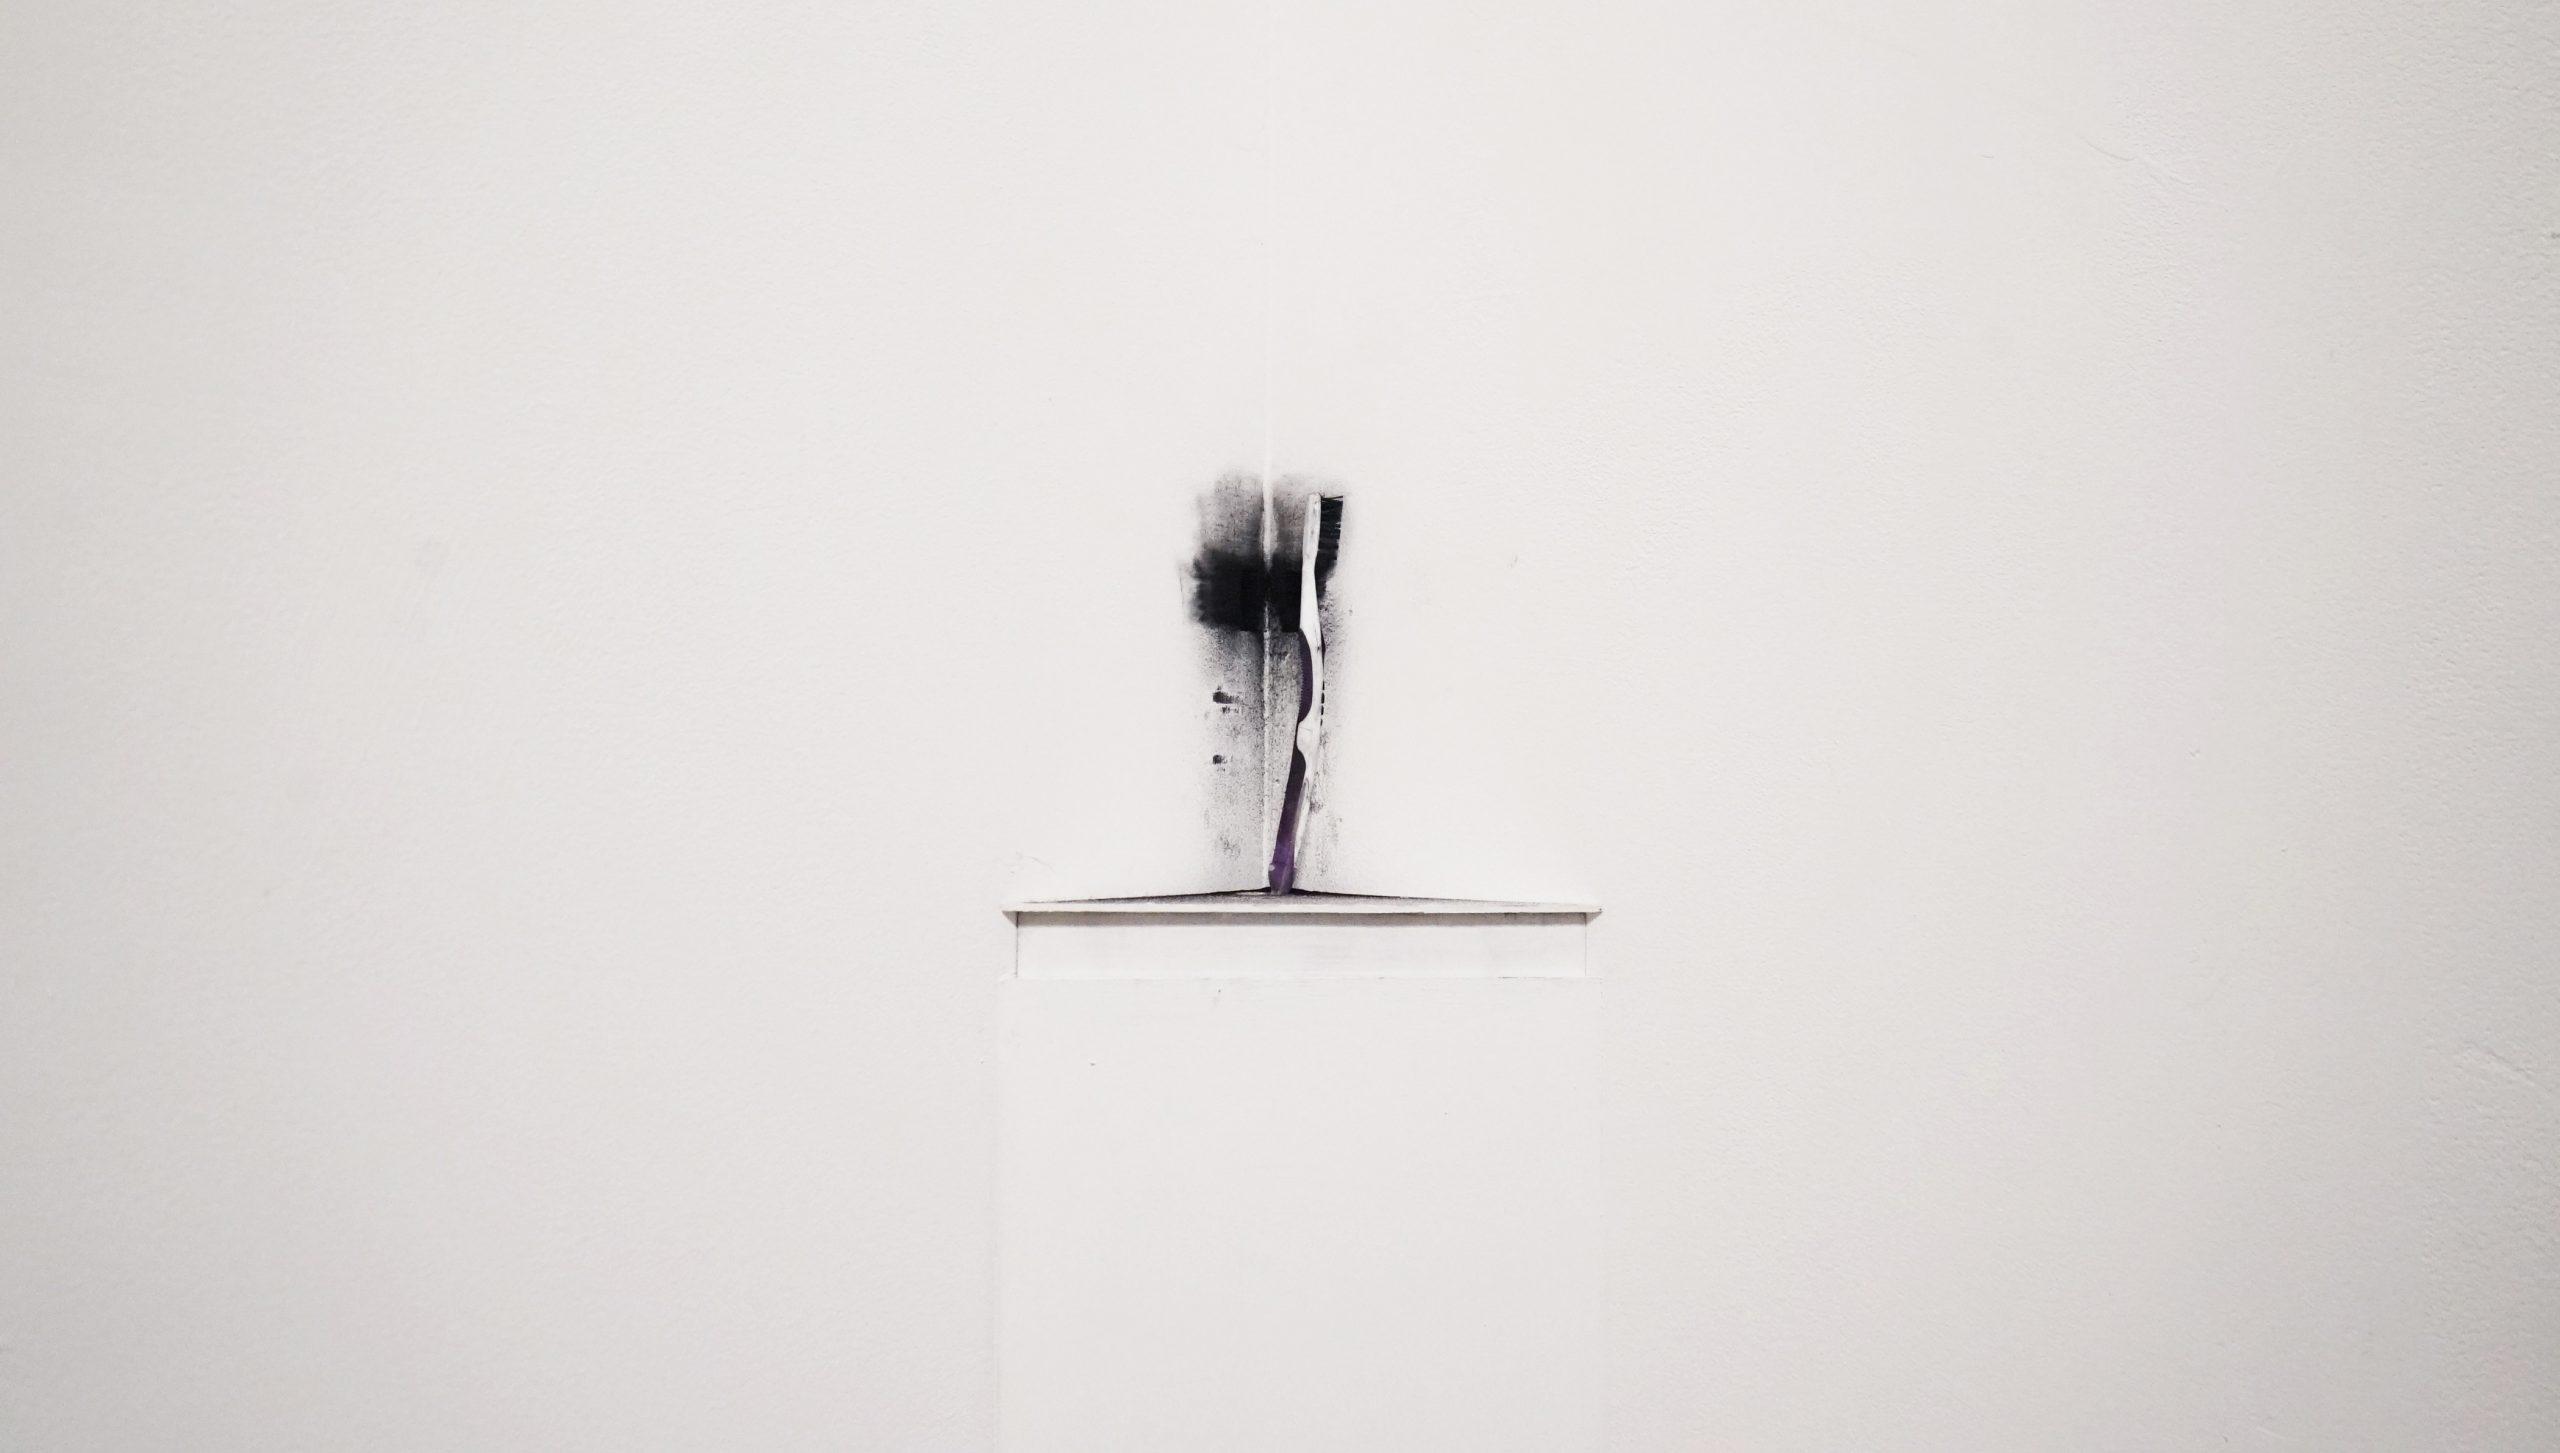 Huang Yuemin - Brushing